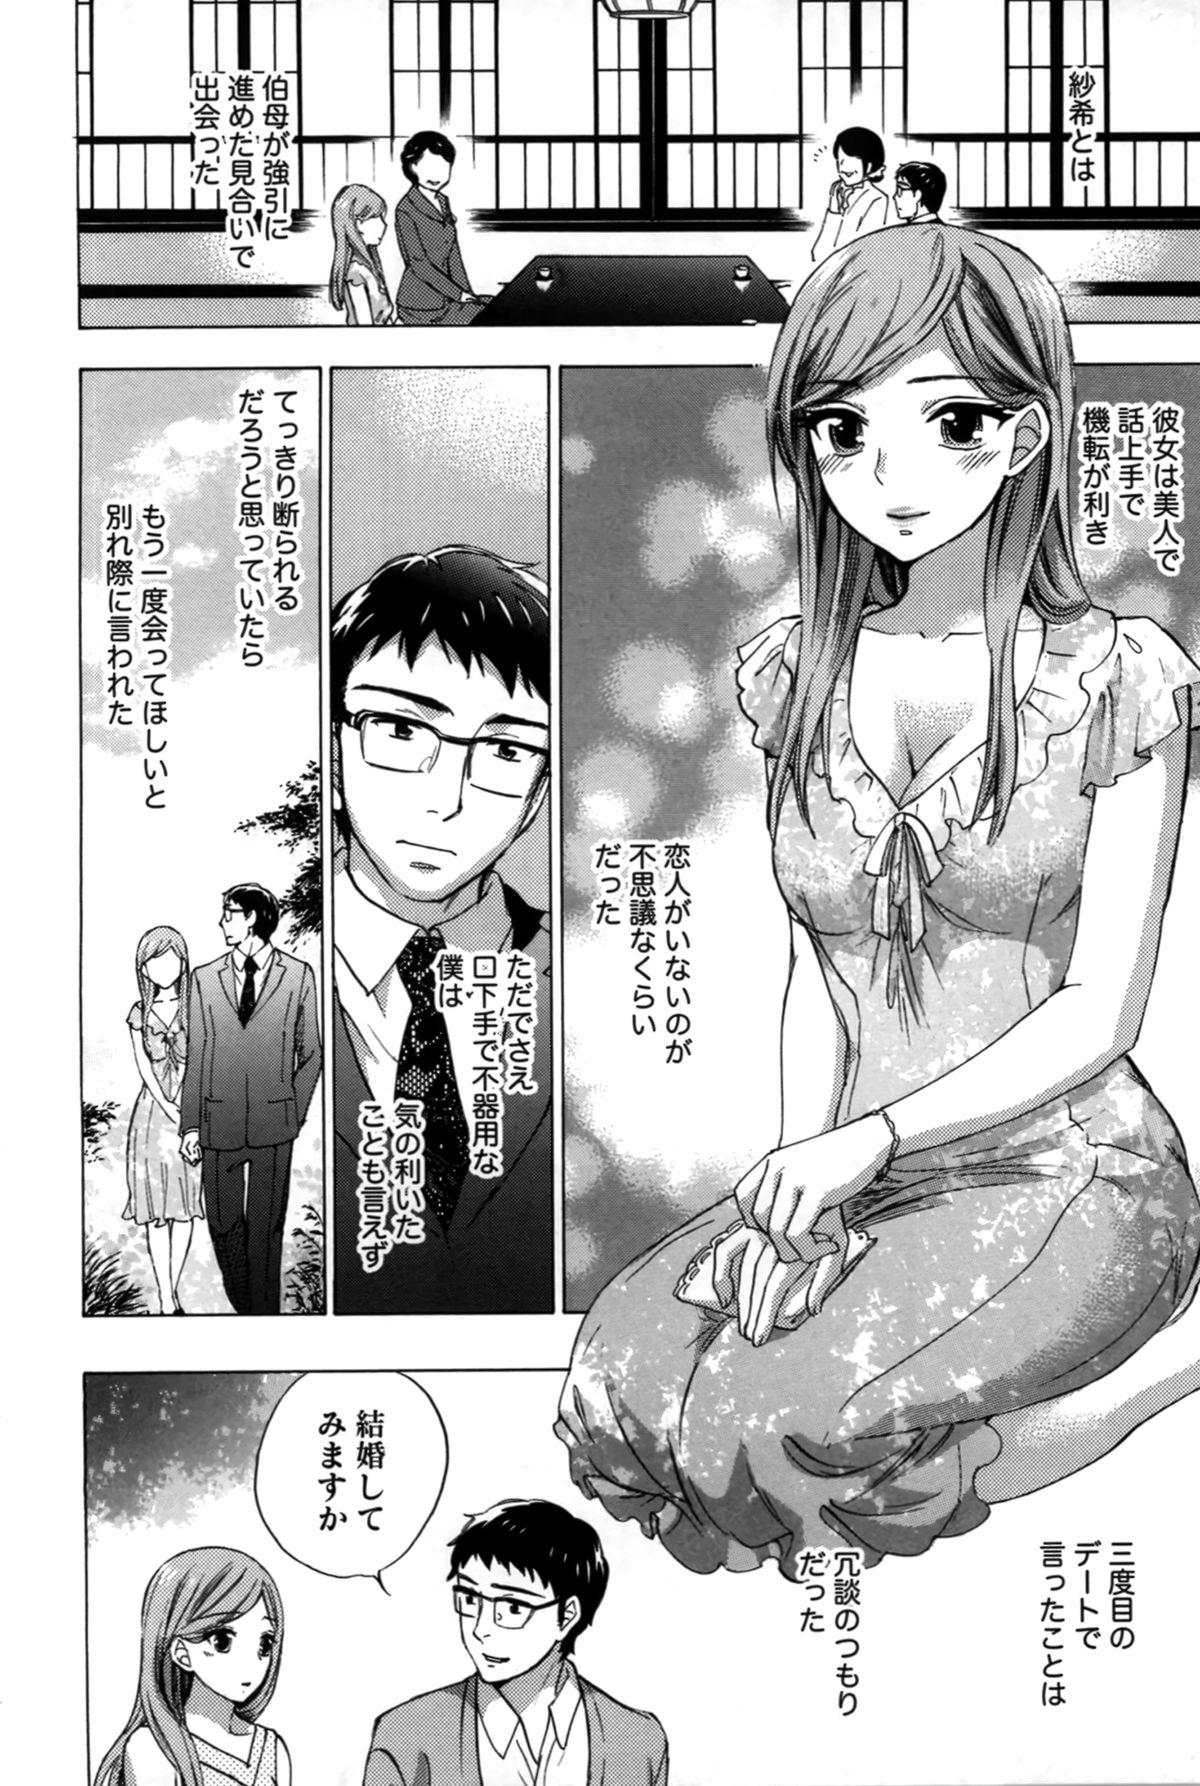 Anata to Watashi wa Warukunai 142